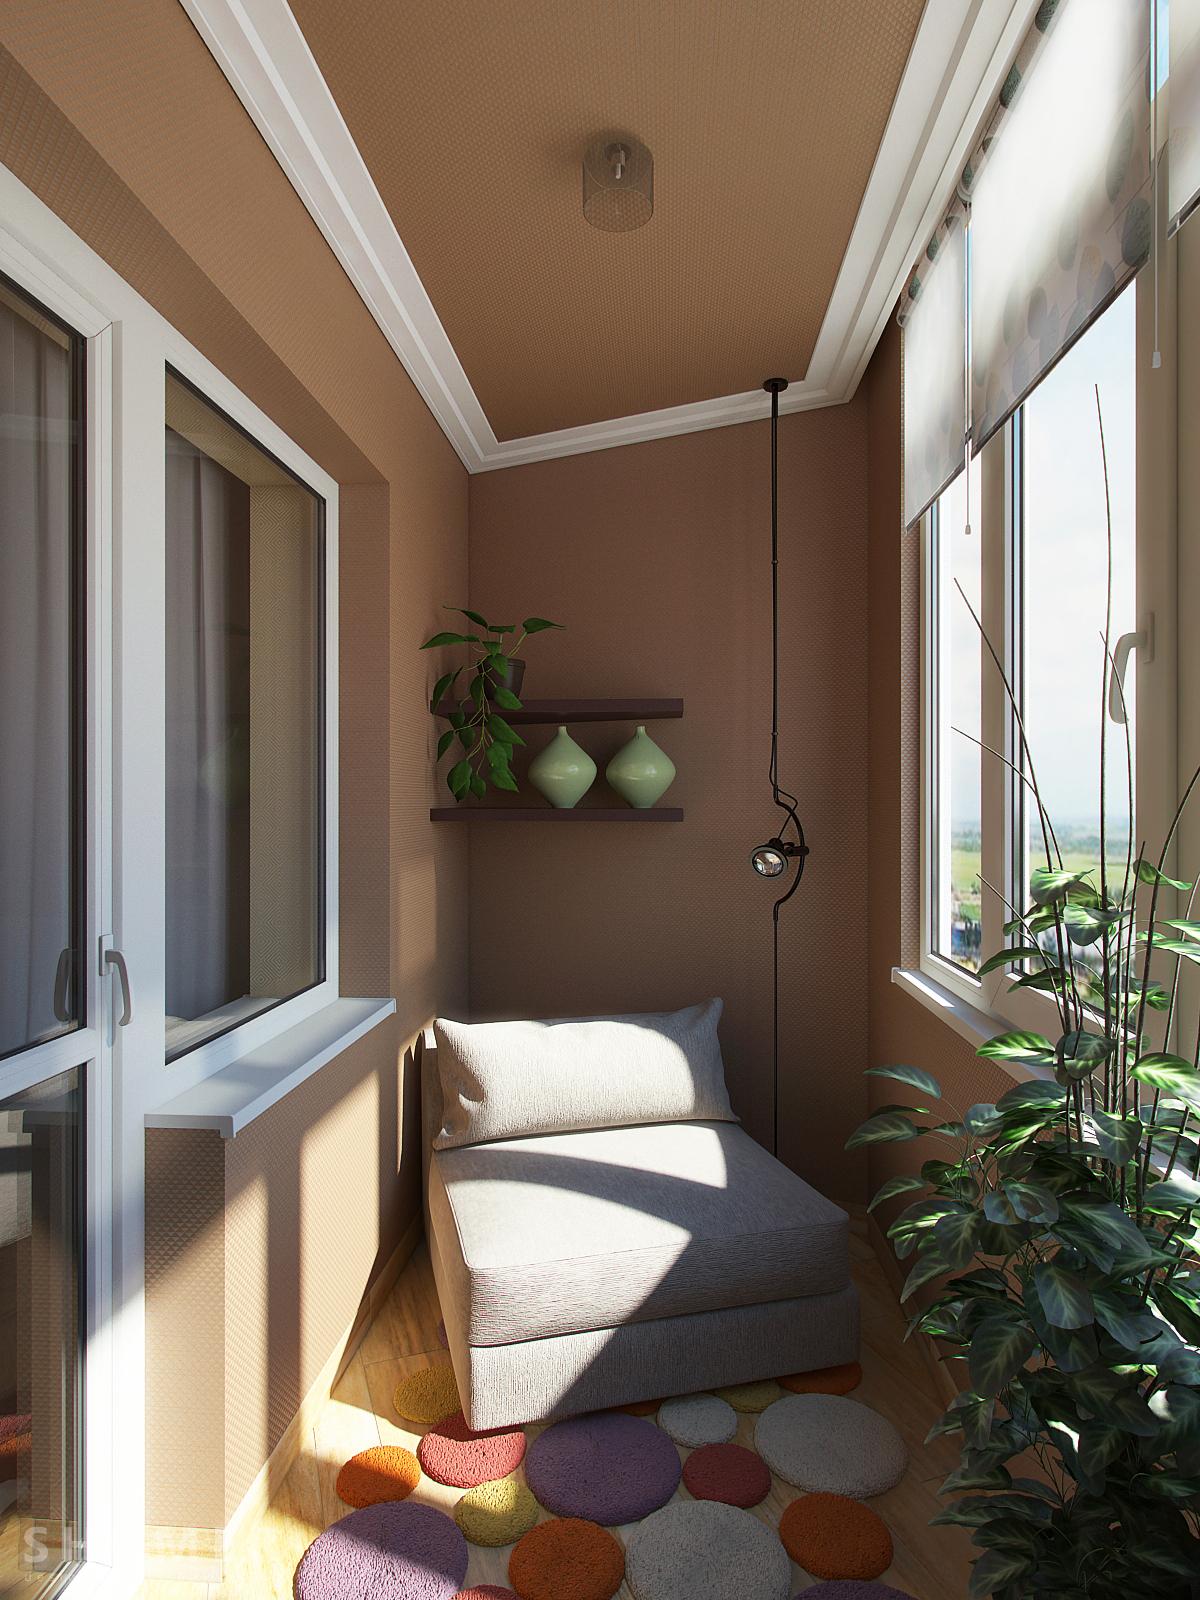 Расположив кресло на балконе можно уединиться от насущных проблем и отдохнуть